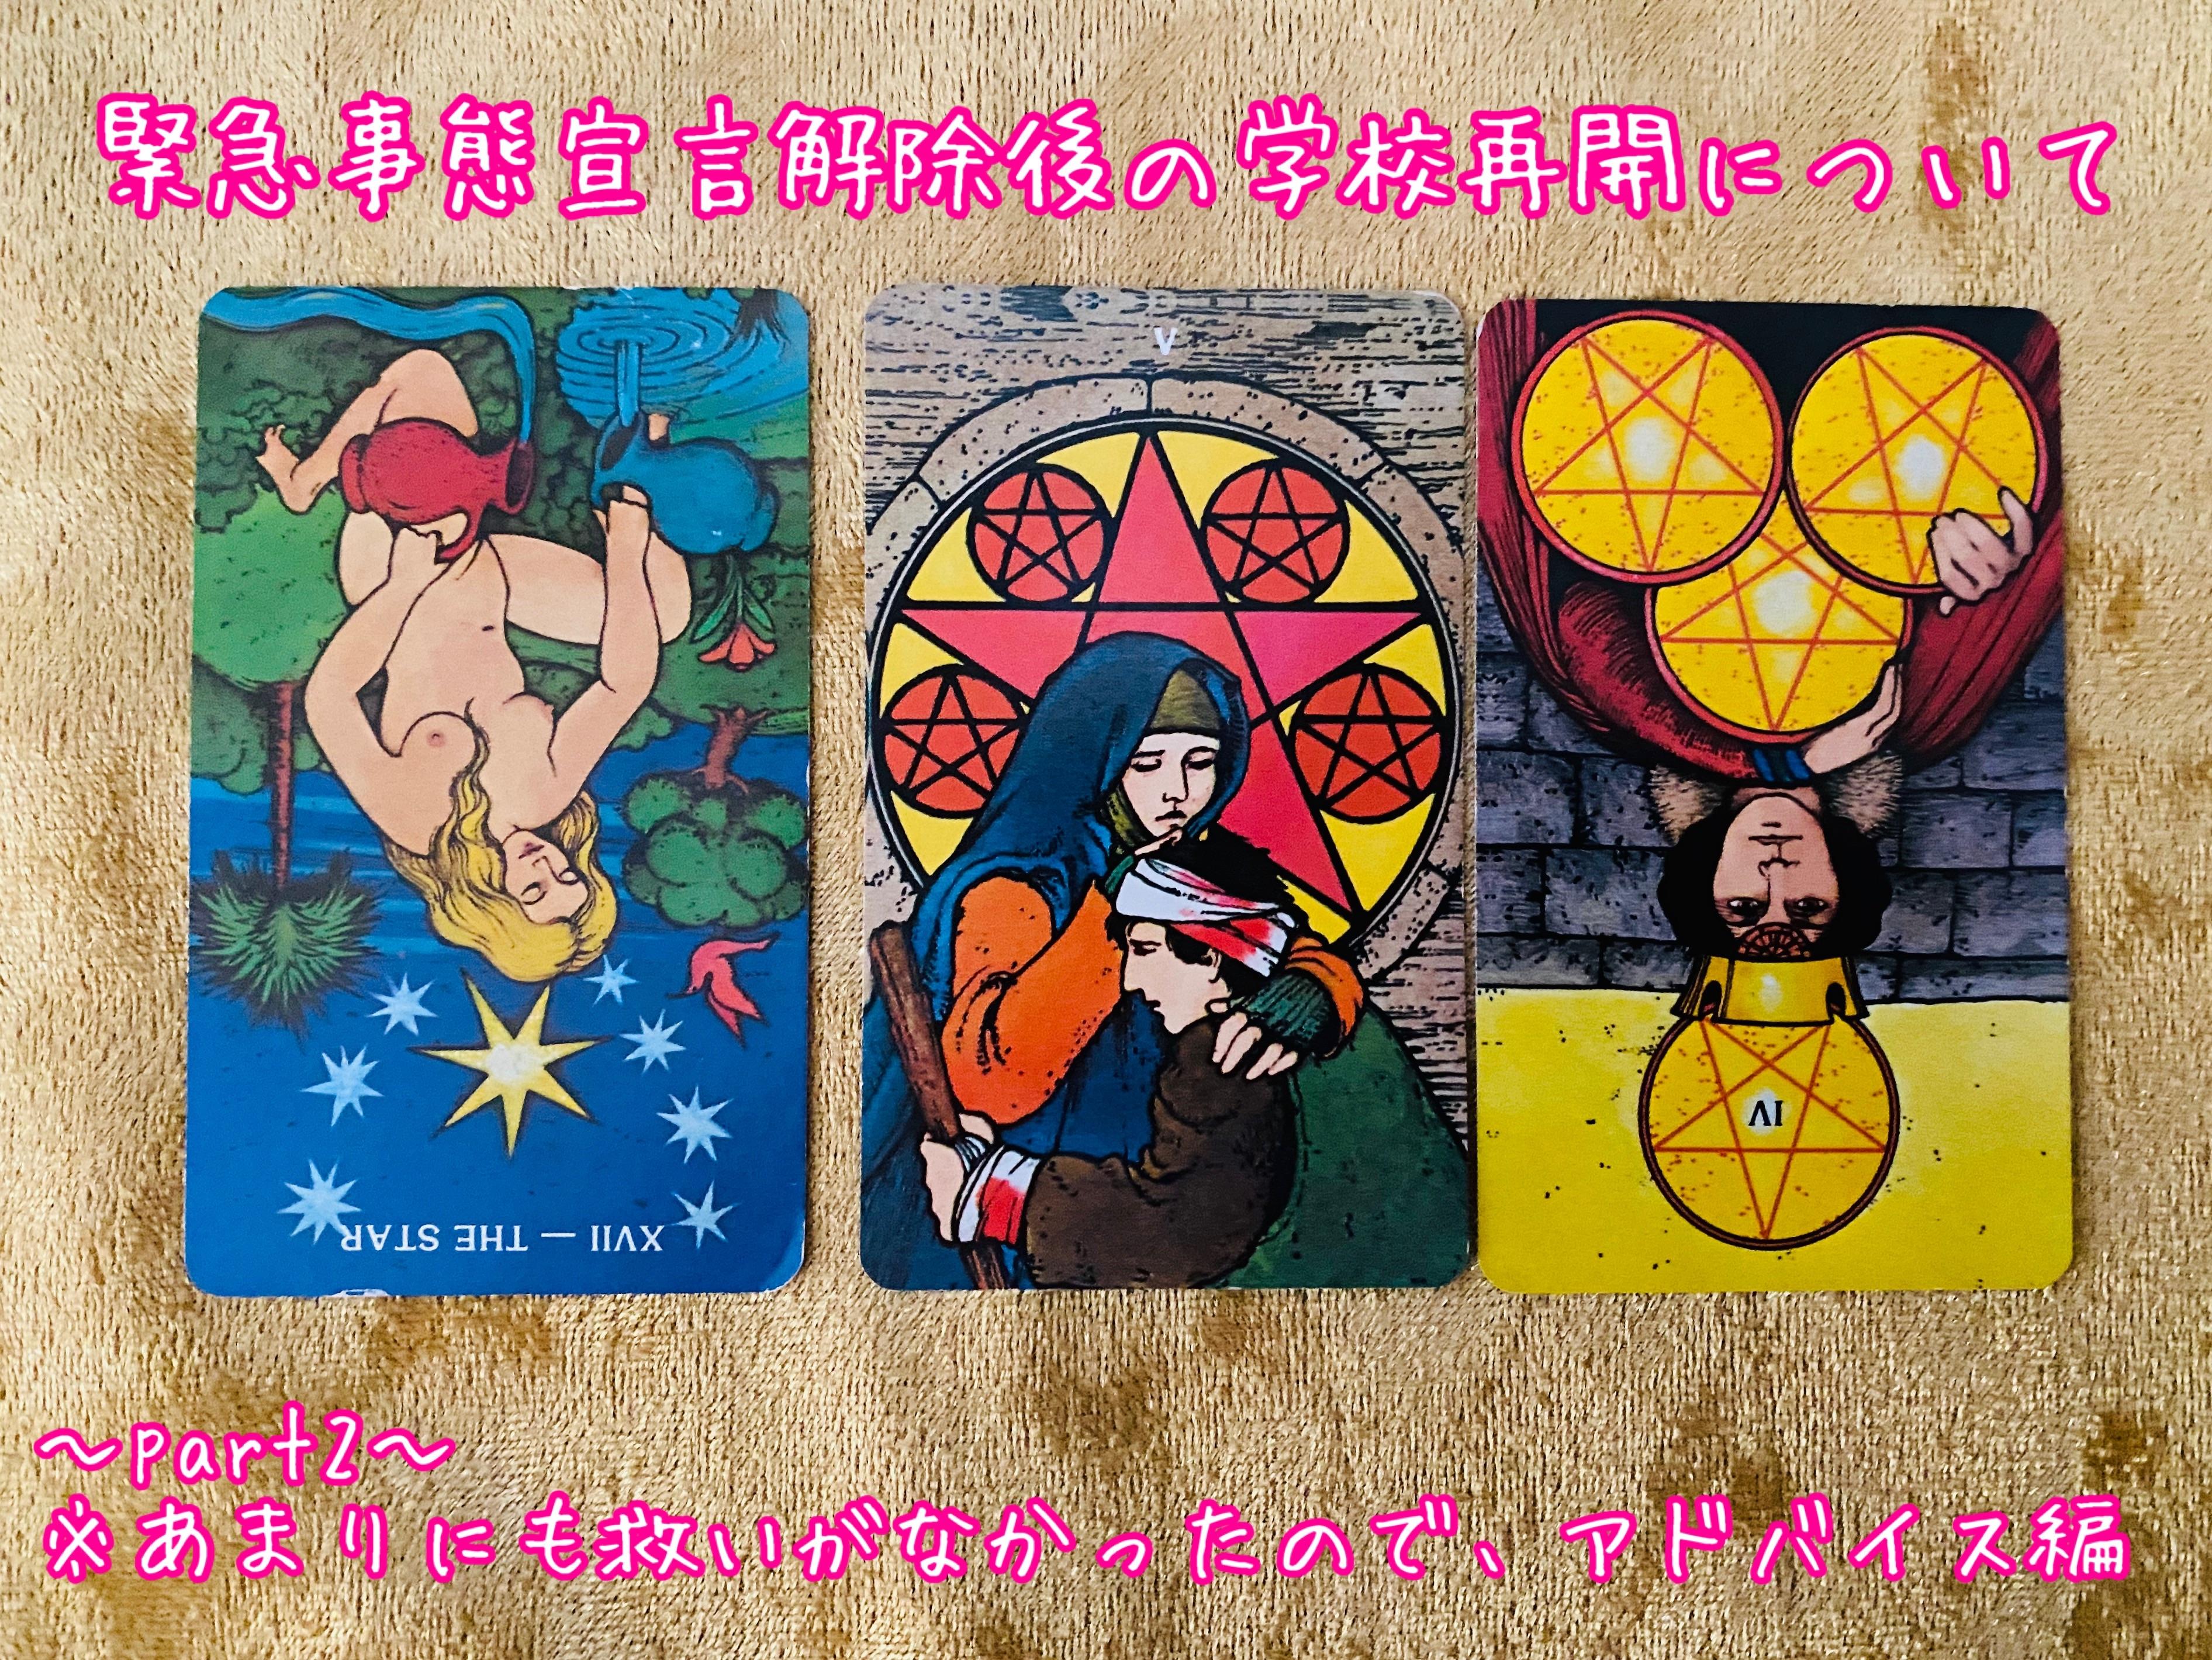 f:id:hana_su-hi:20200516201423j:image